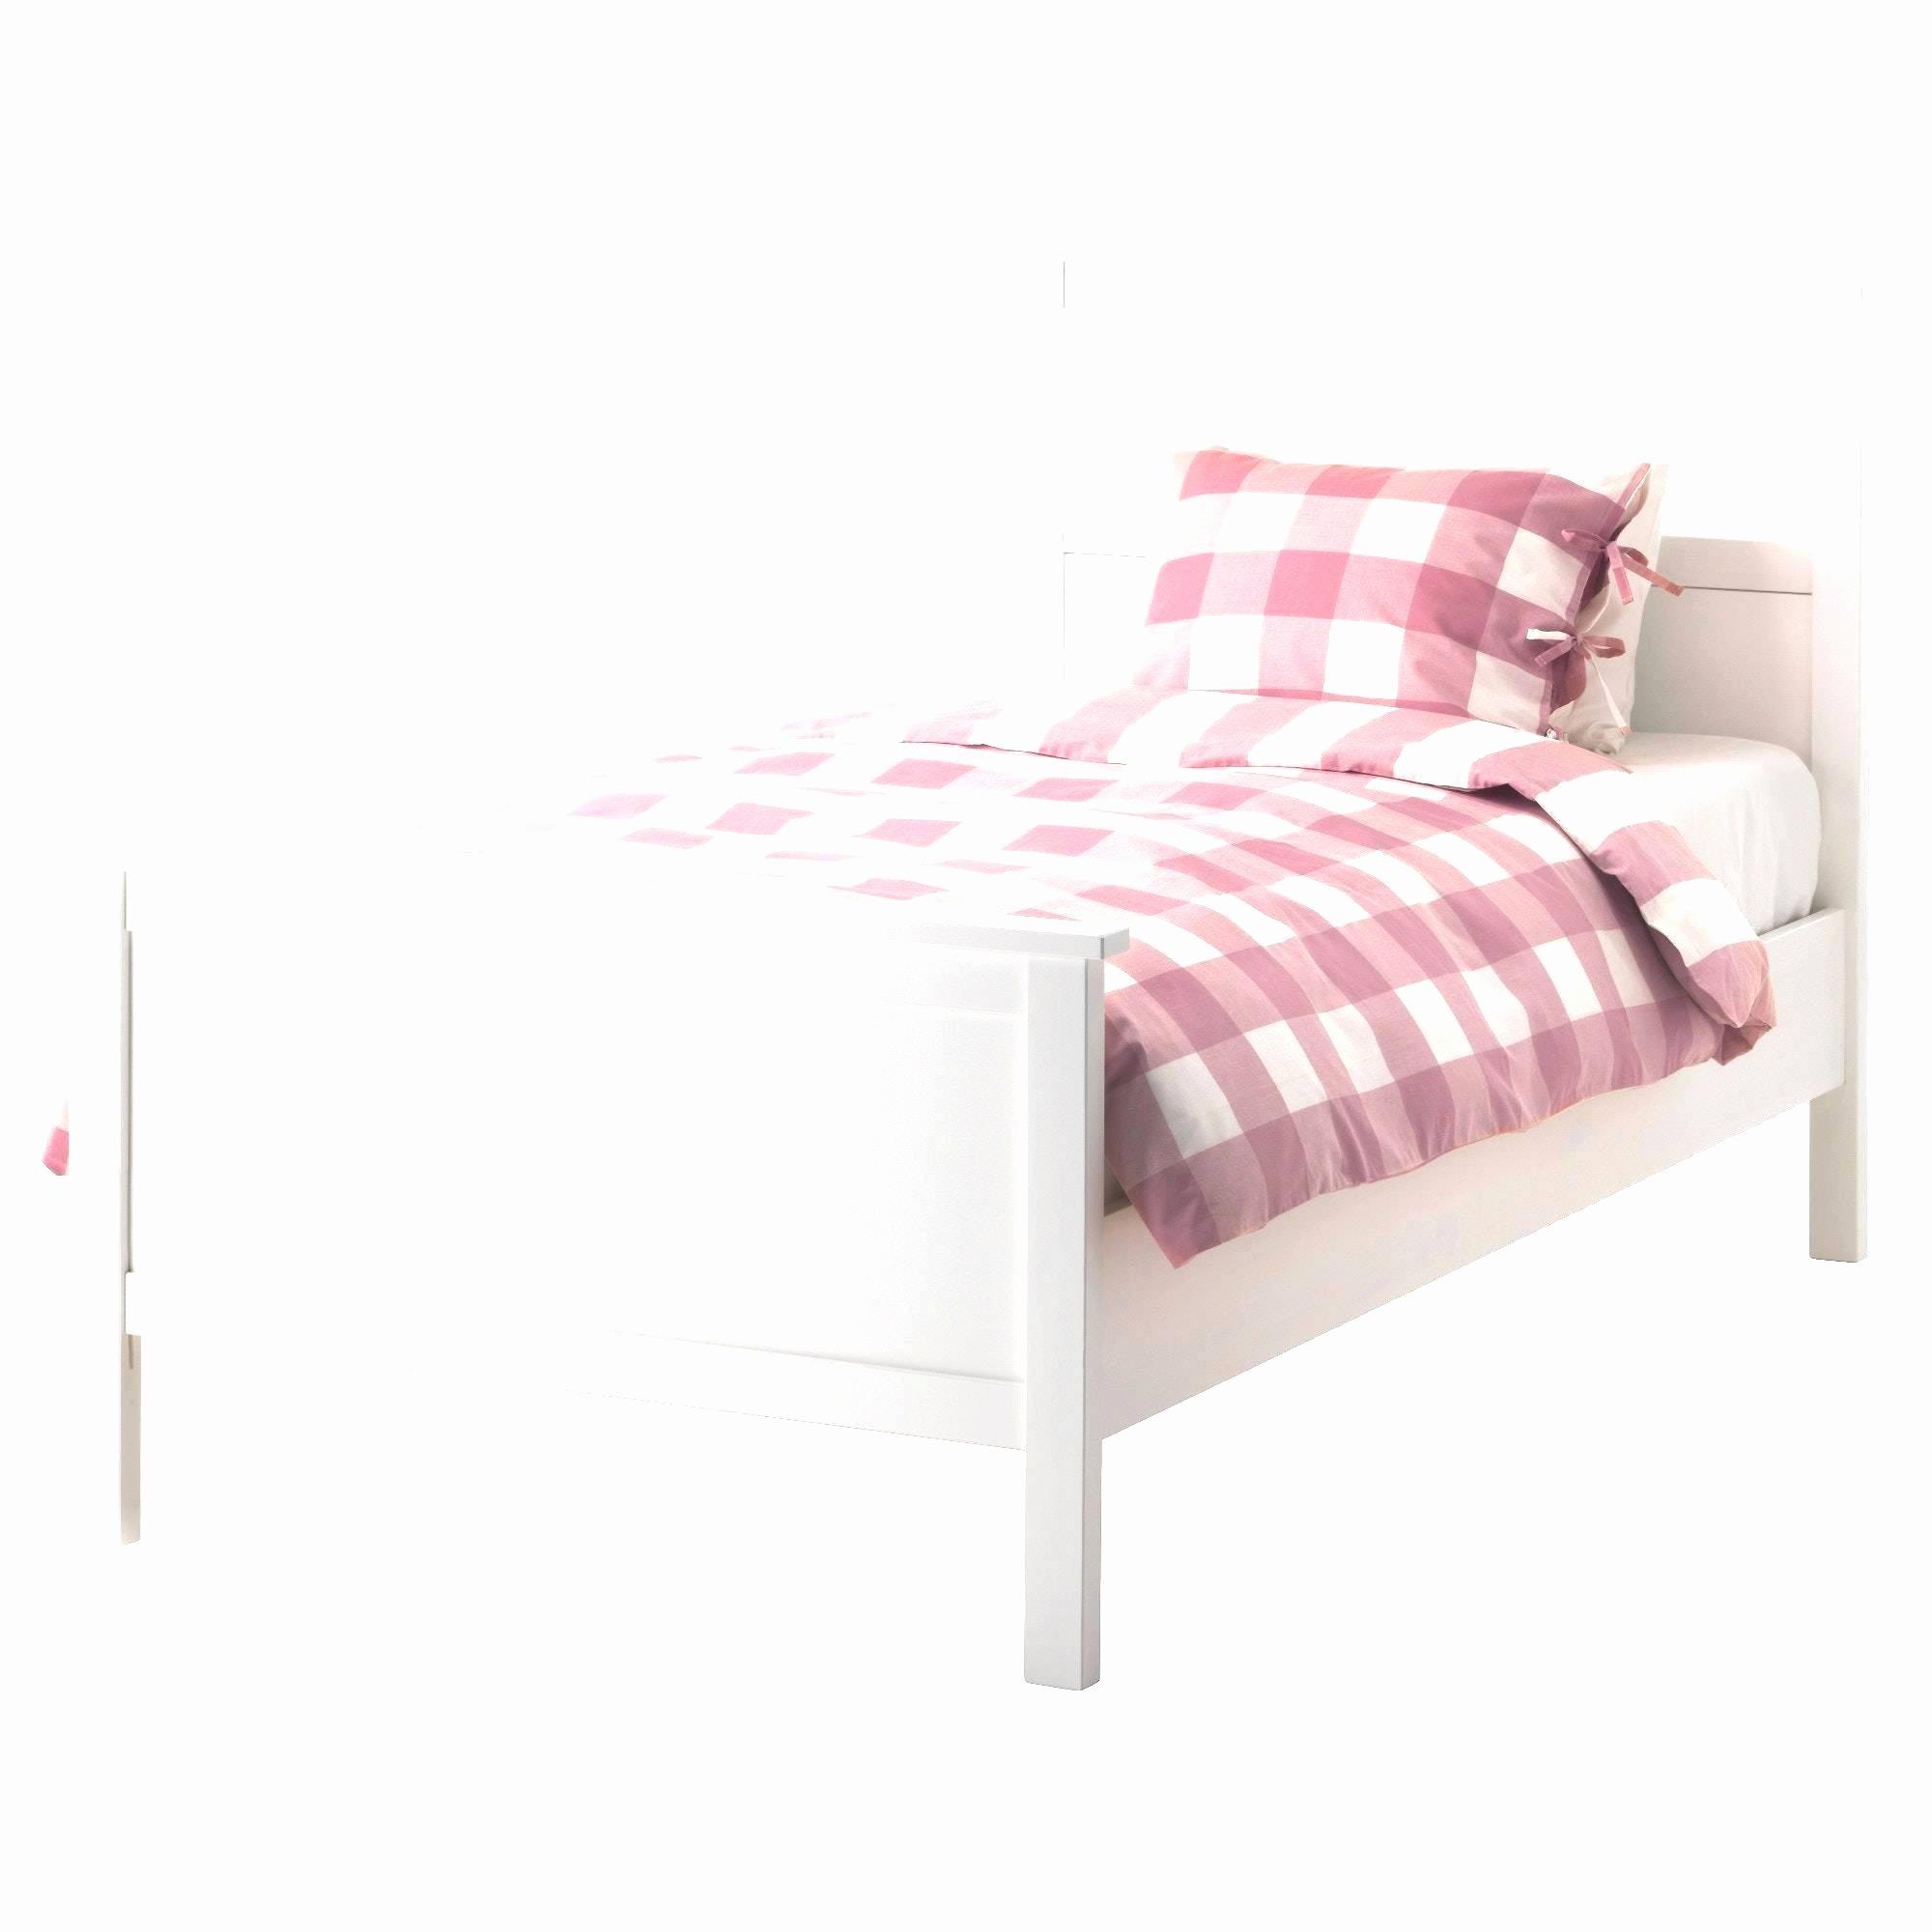 Full Size of Bett 120x200 Ikea 16 Einzigartig Bilder Von Kopfteil 140 Betten Aus Holz Massivholz 180x200 Rattan Mit Schubladen 90x200 Weiß 140x200 200x200 100x200 King Wohnzimmer Bett 120x200 Ikea